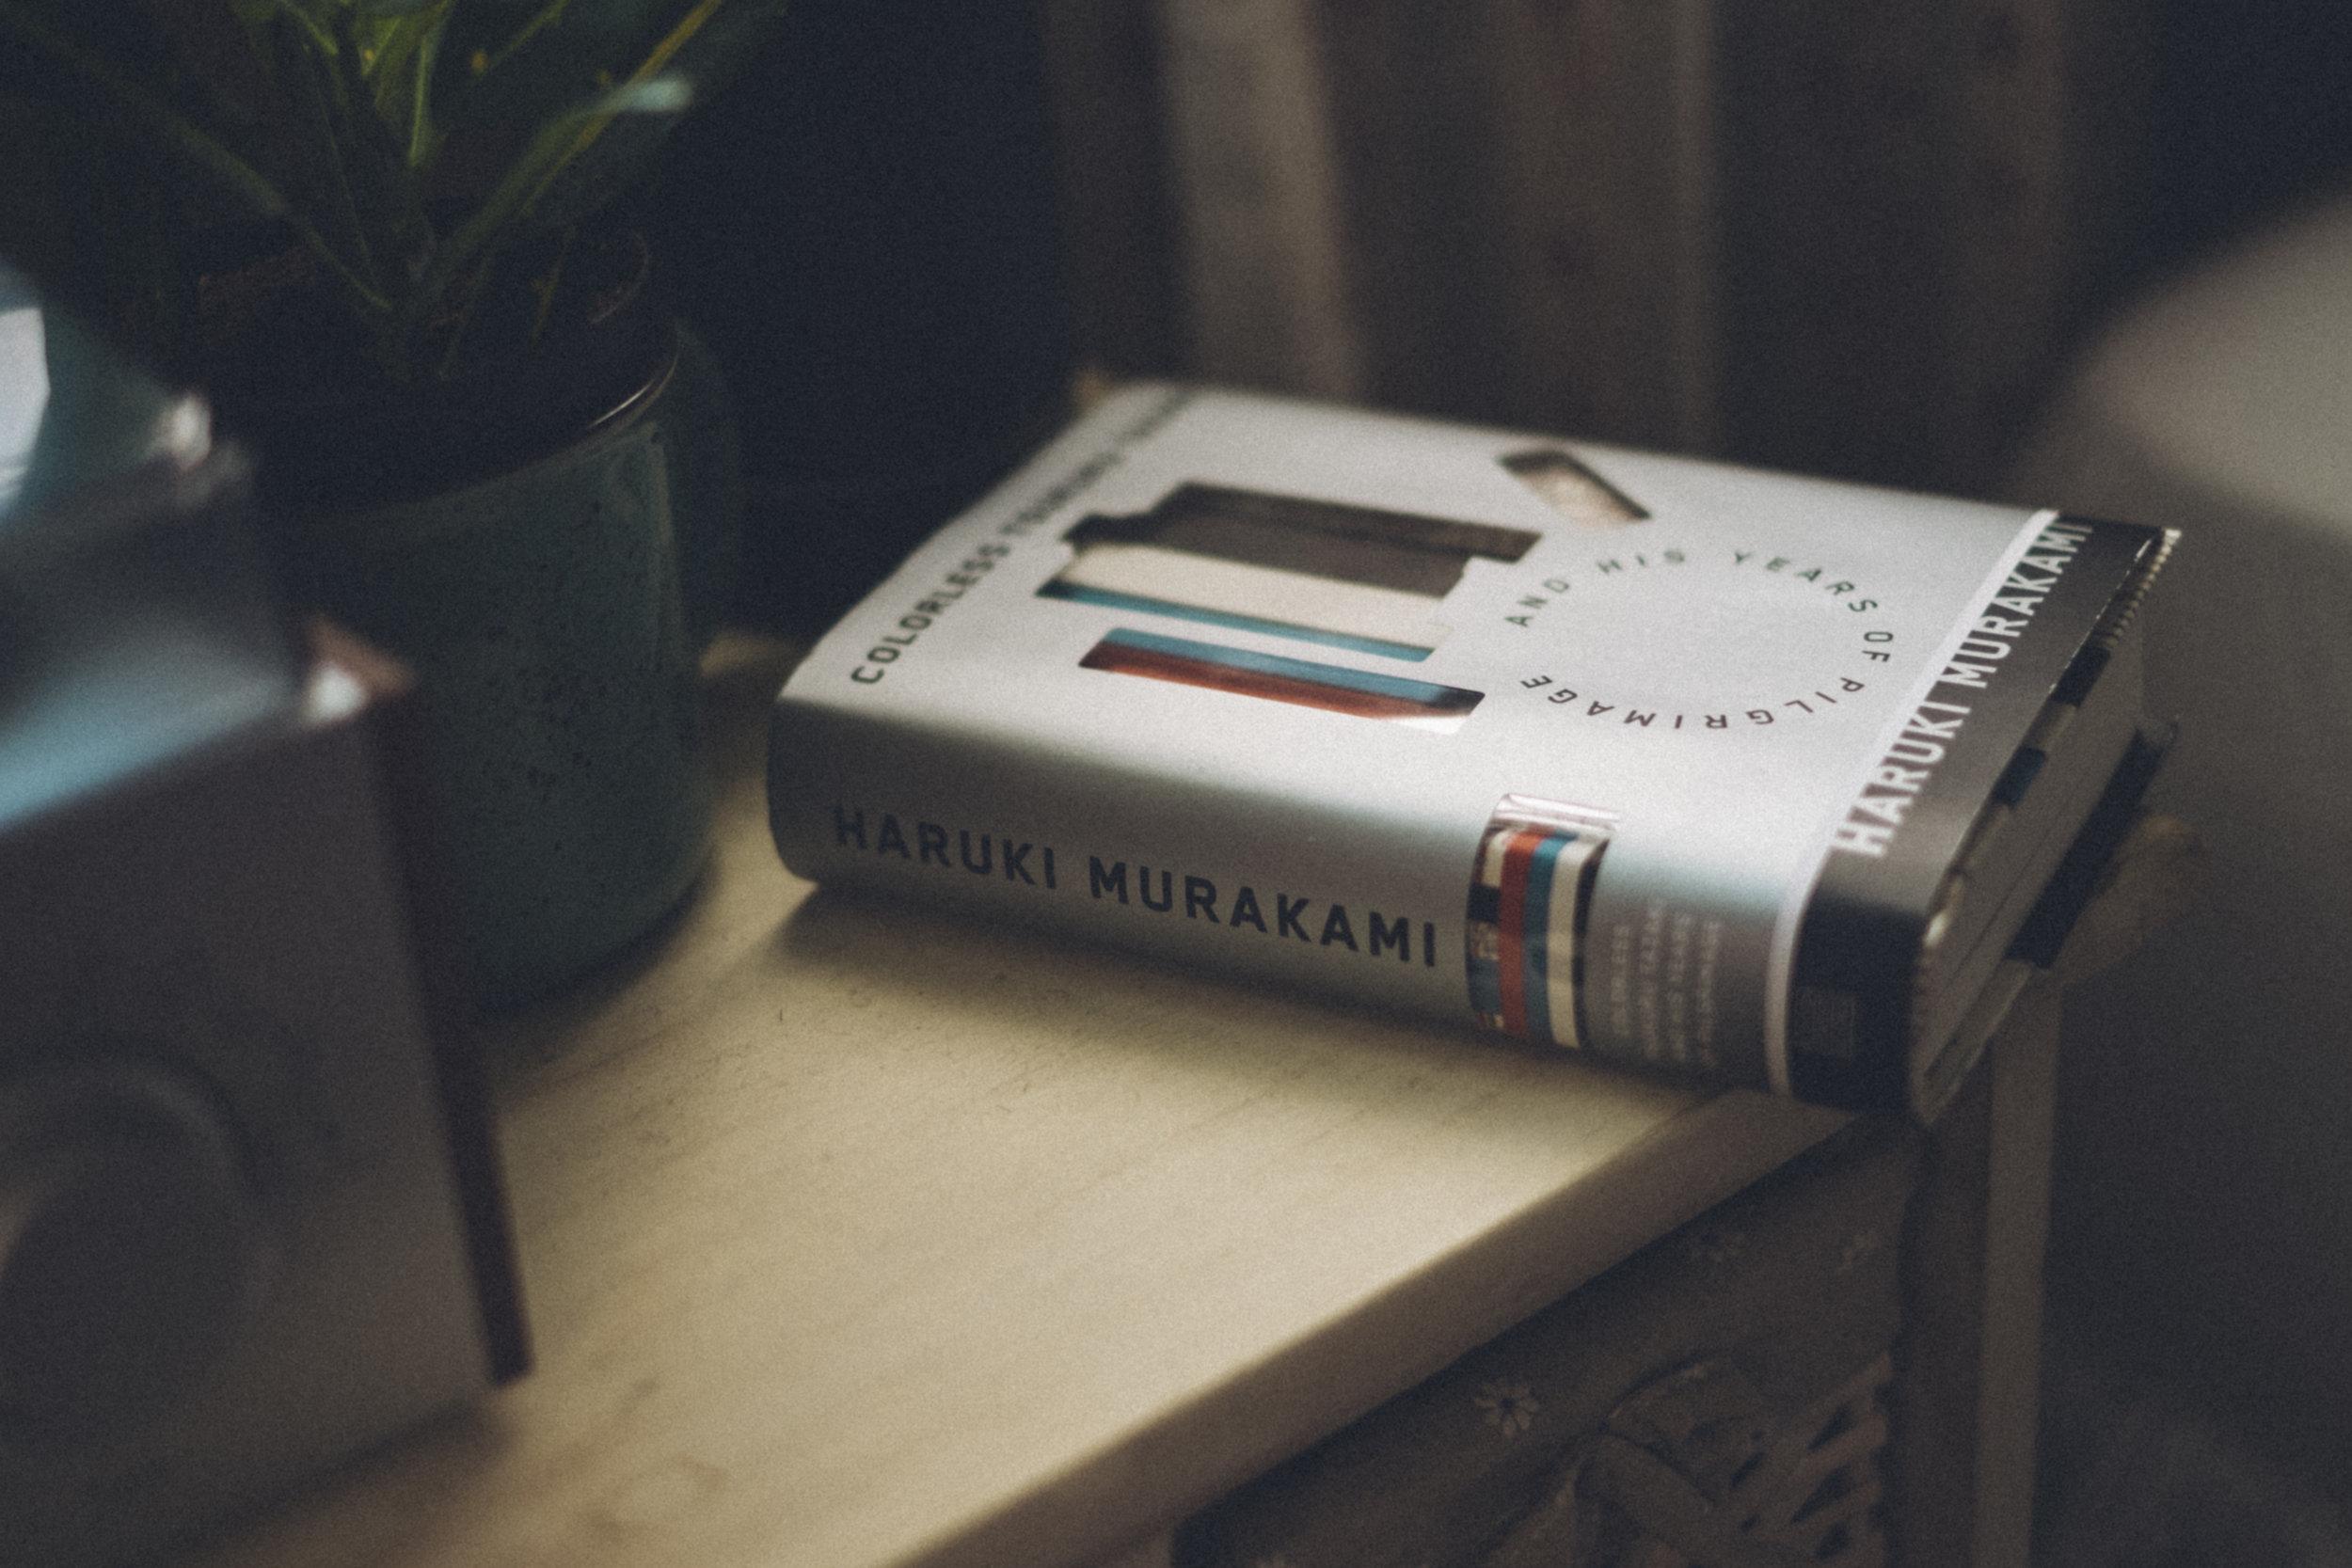 """""""As we go through life we gradually discover who we are, but the more we discover, the more we lose ourselves.""""  - Haruki Murakami"""